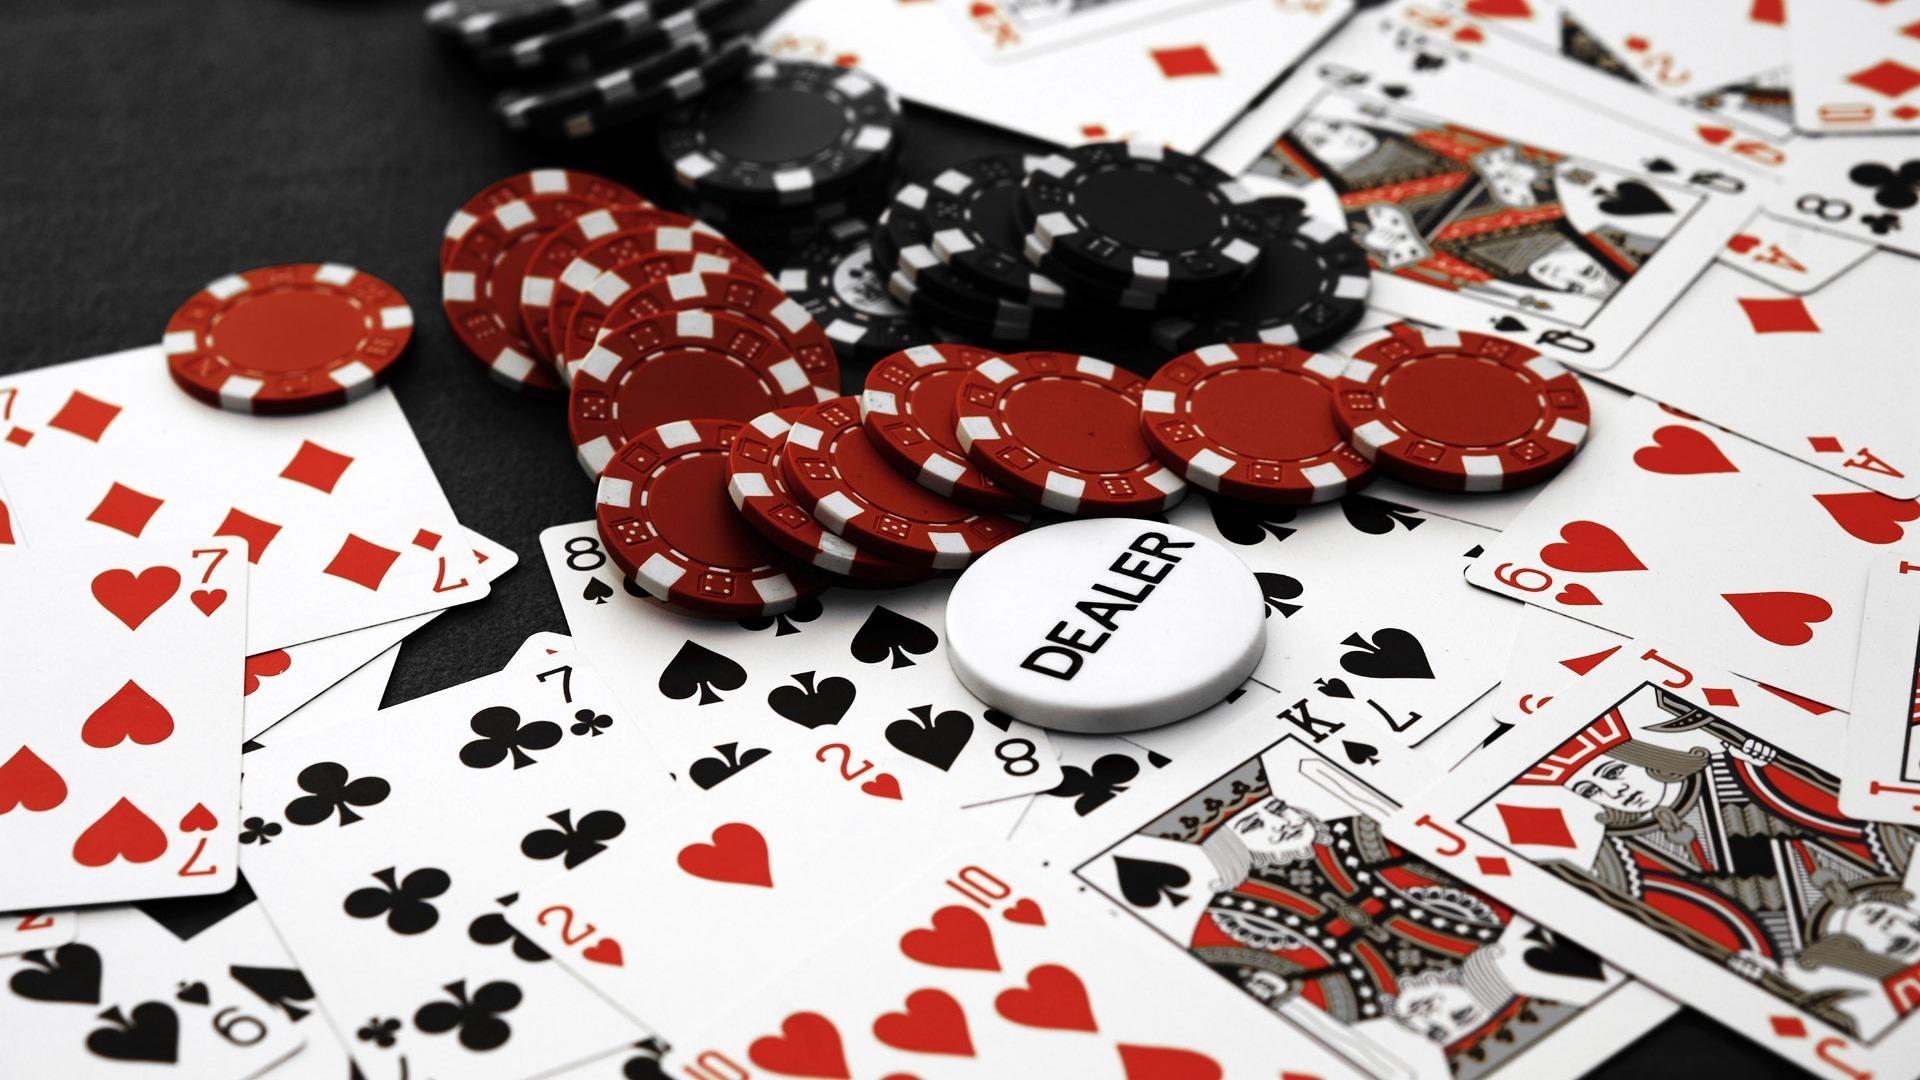 ポーカーのフラッシュとは何ですか